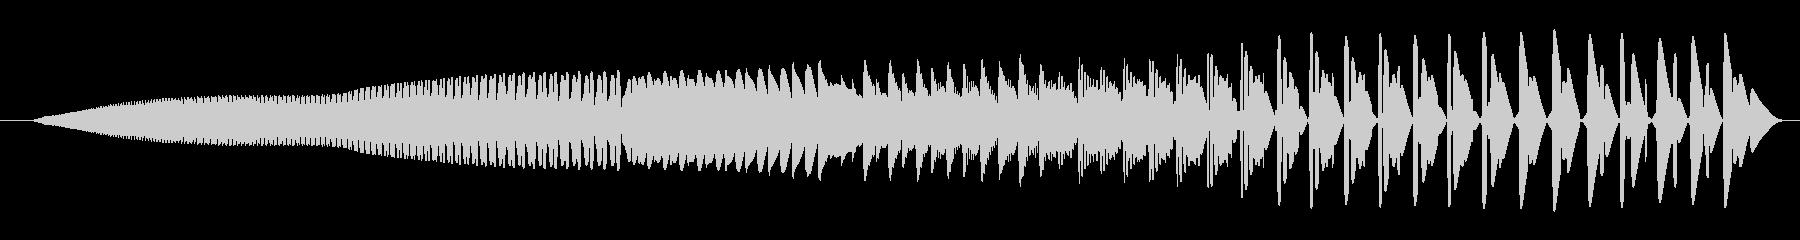 FX ローパワーダウン01の未再生の波形